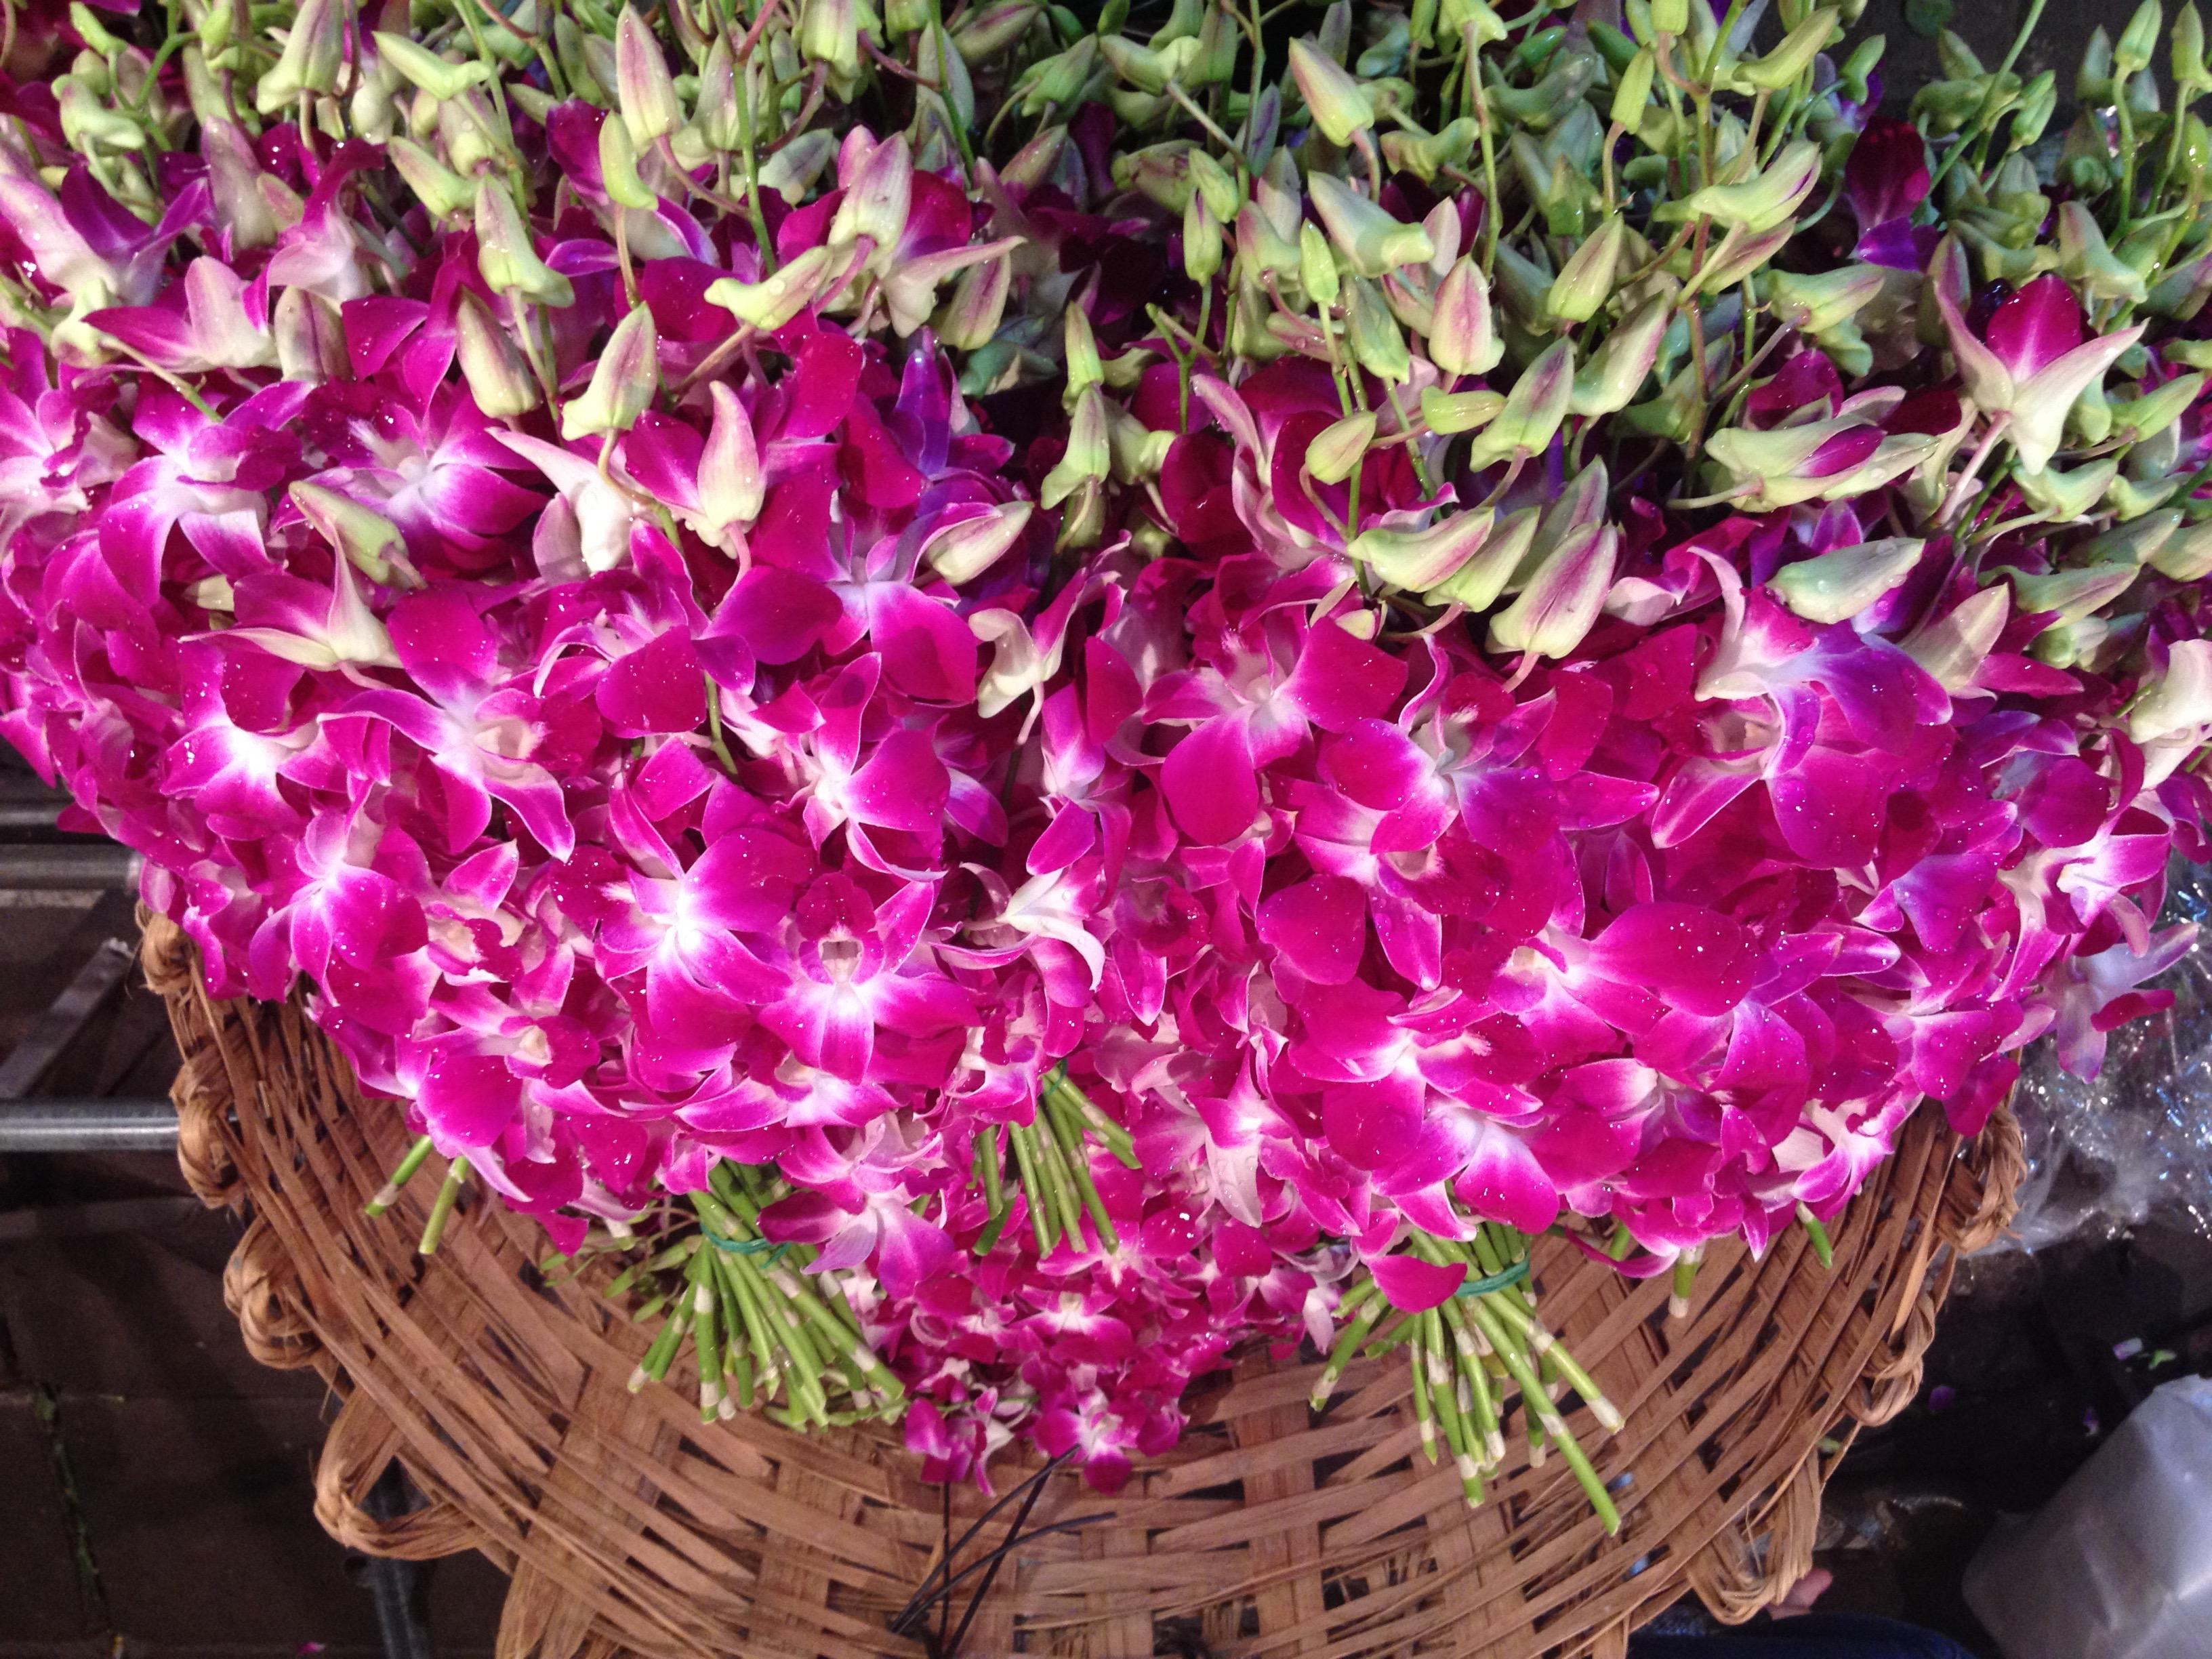 Orchidee al mercato dei fiori, Bangkok @oltreilbalcone